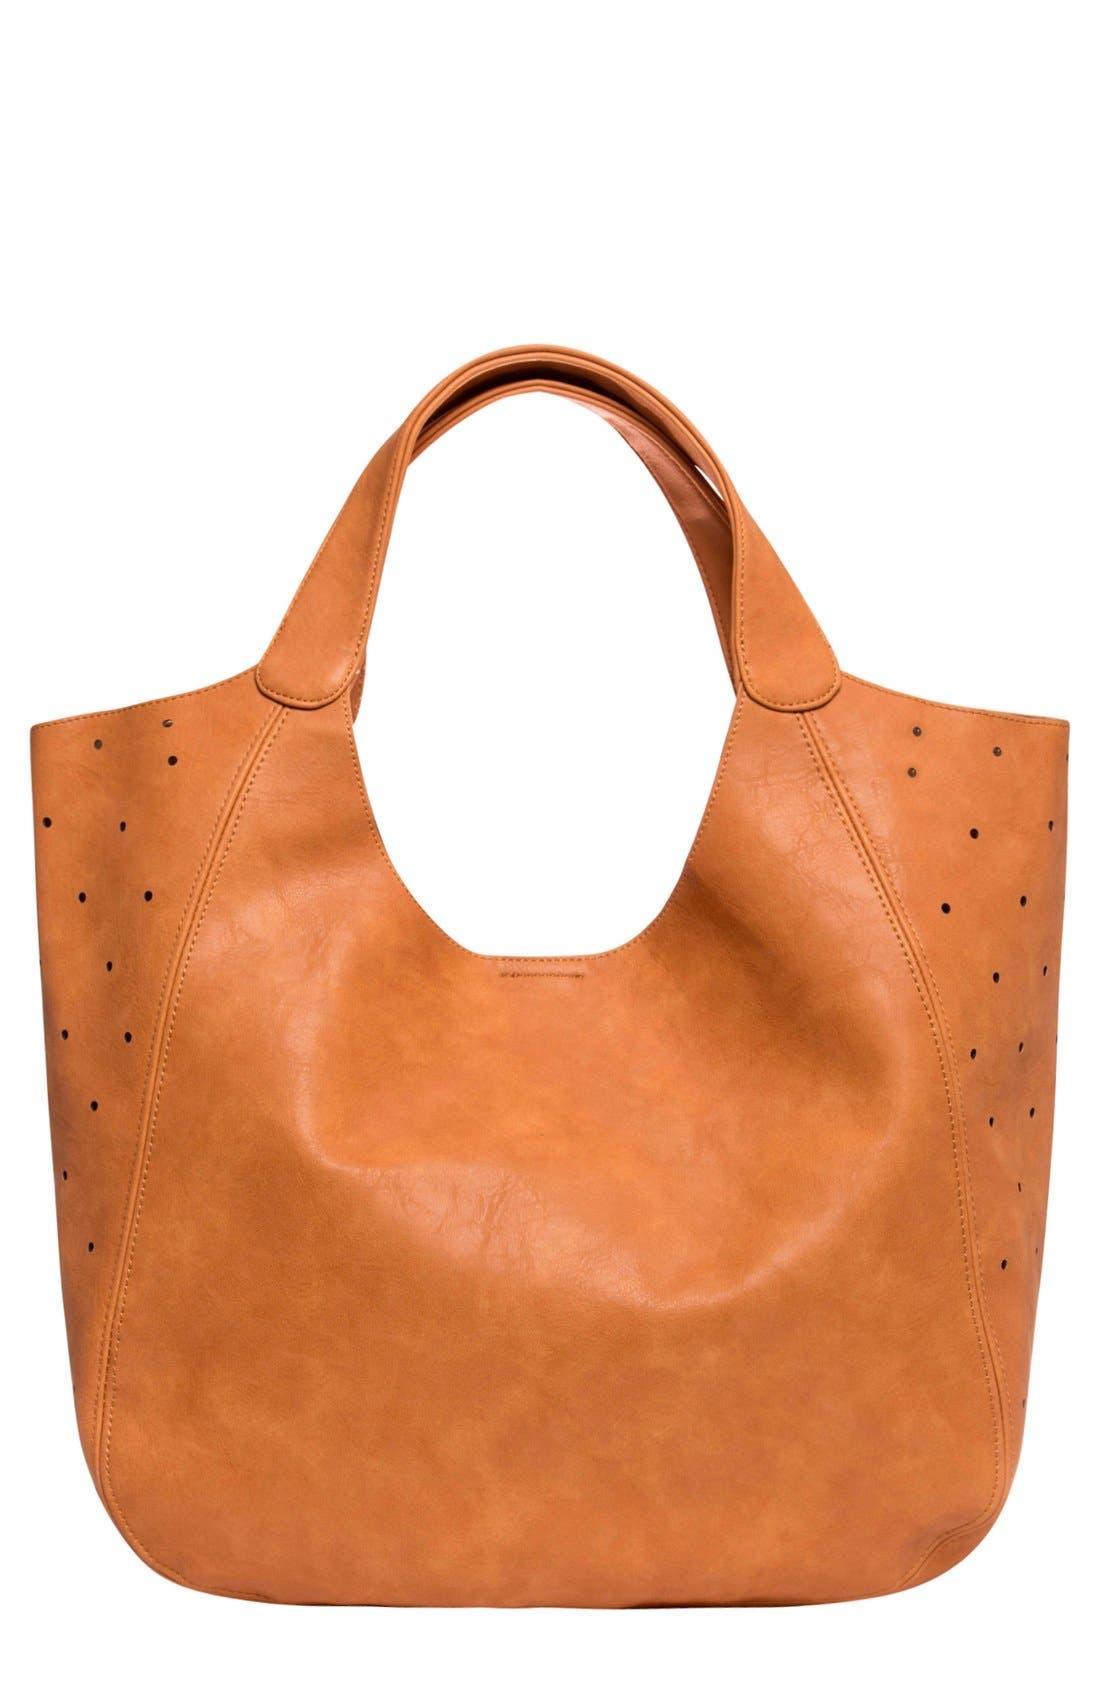 URBAN ORIGINALS Masterpiece Perforated Vegan Leather Tote